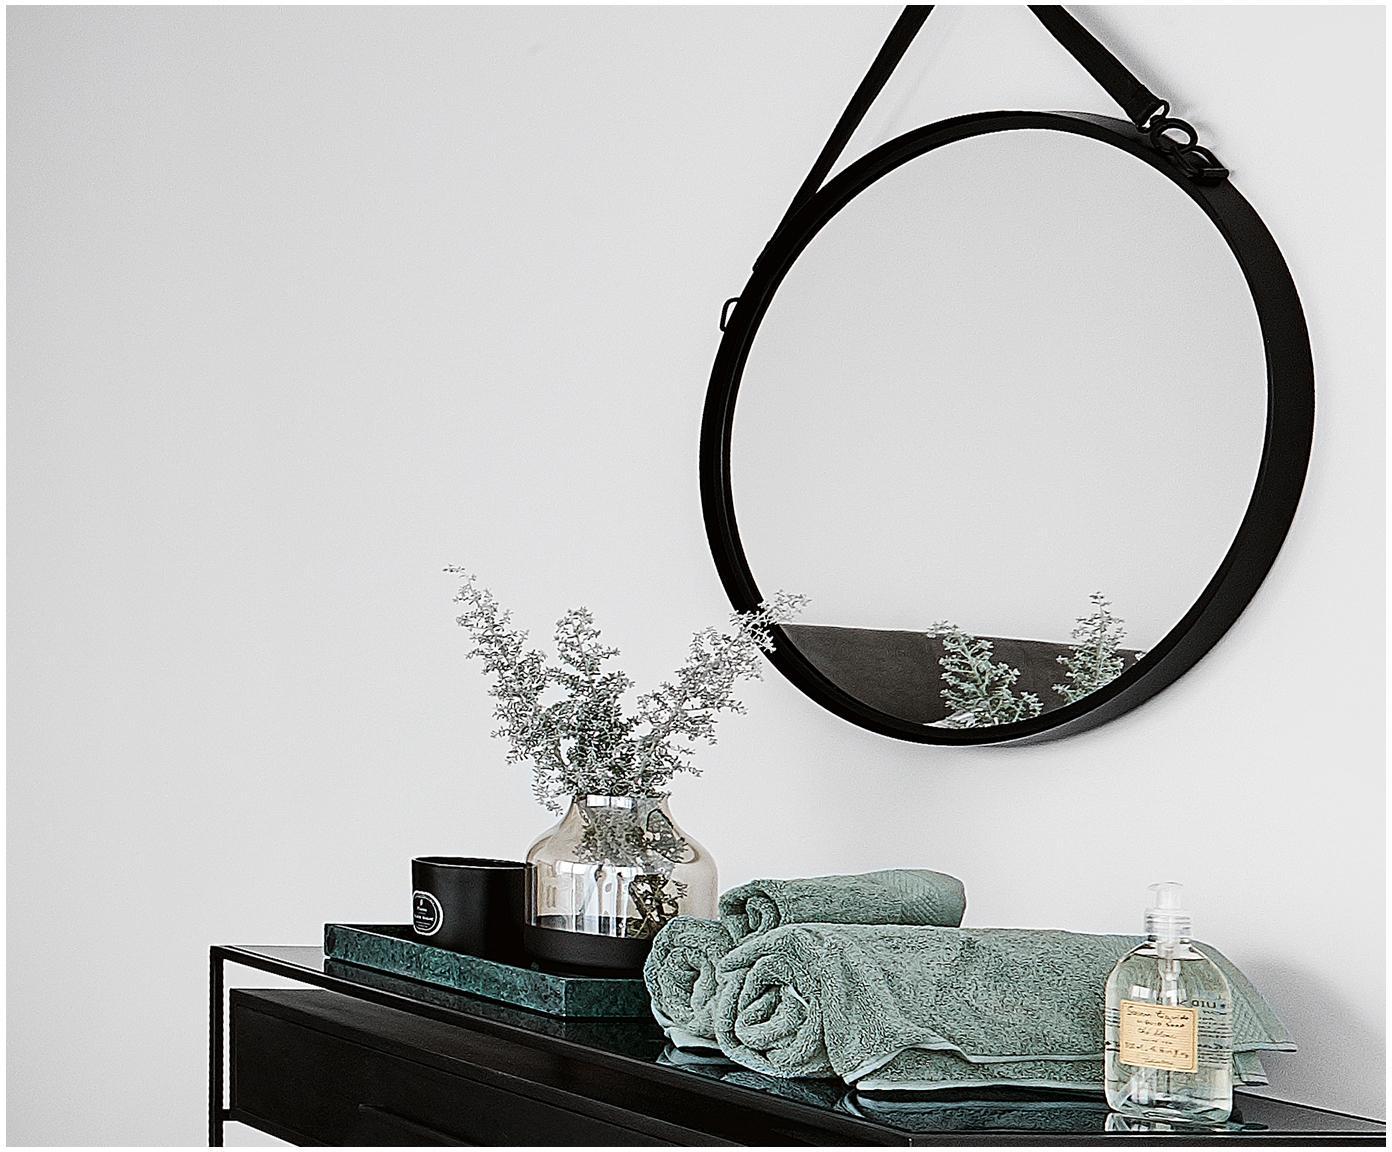 Handtuch Premium in verschiedenen Grössen, mit klassischer Zierbordüre, Salbeigrün, XS Gästehandtuch